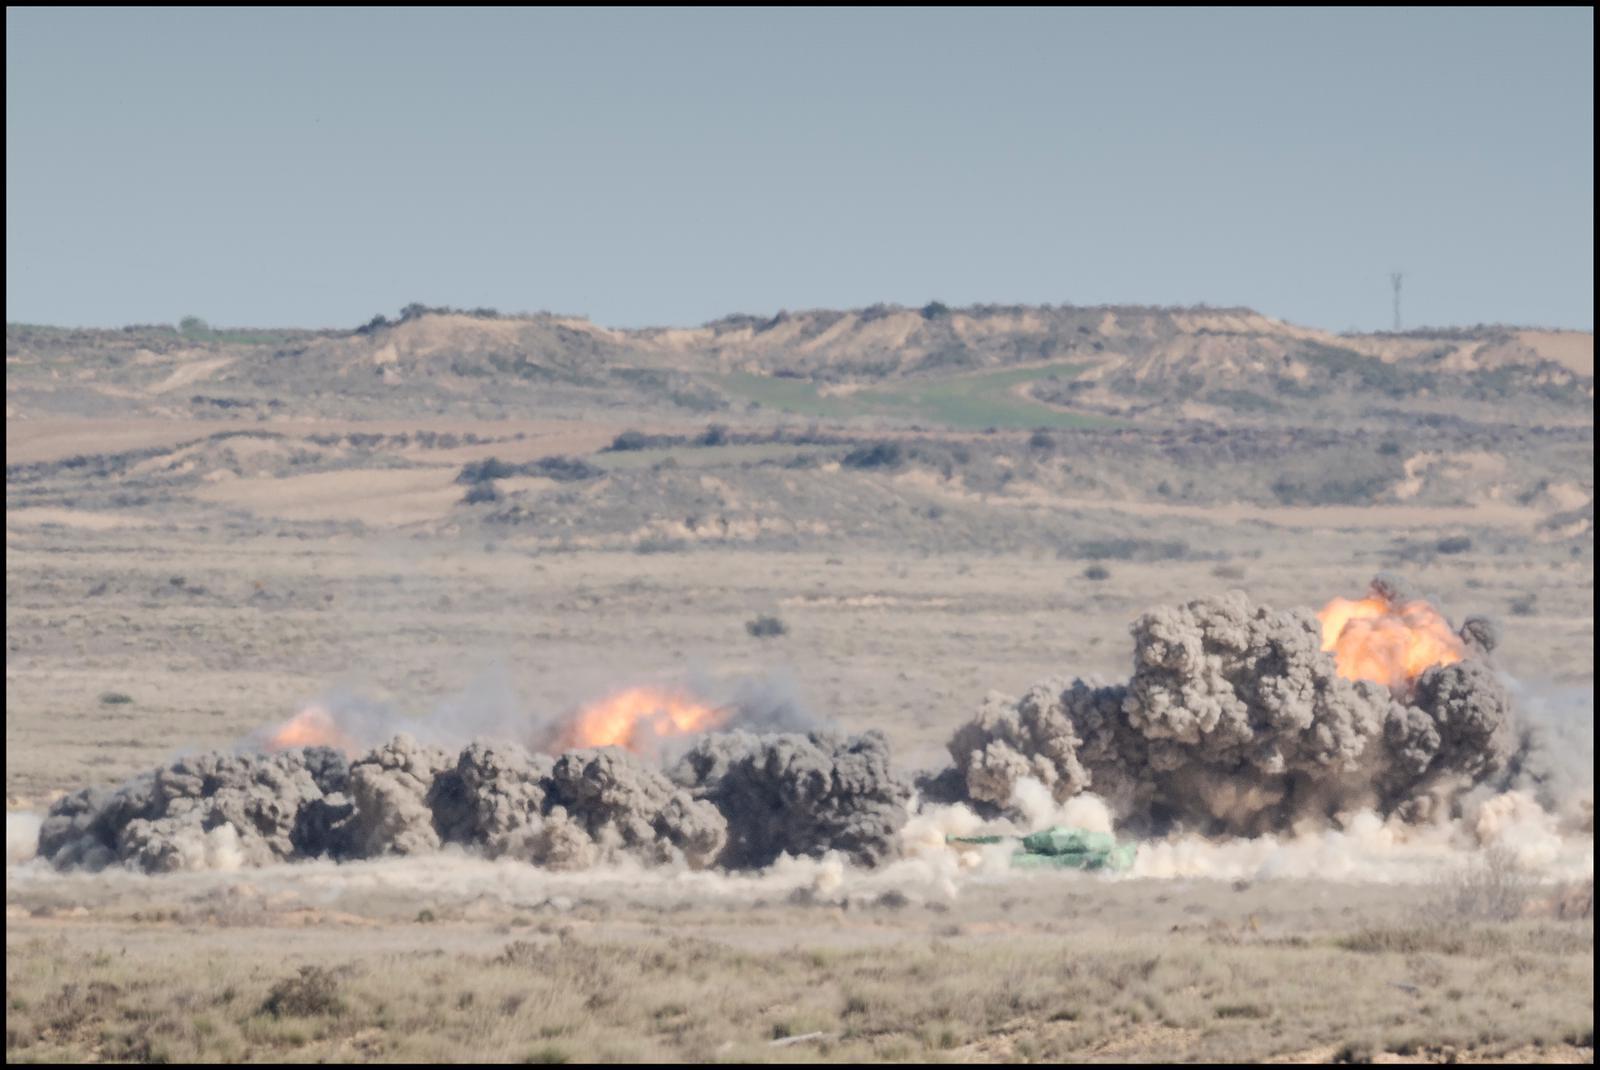 Impacto de armamento real en el Polígono de Tiro de Bardenas